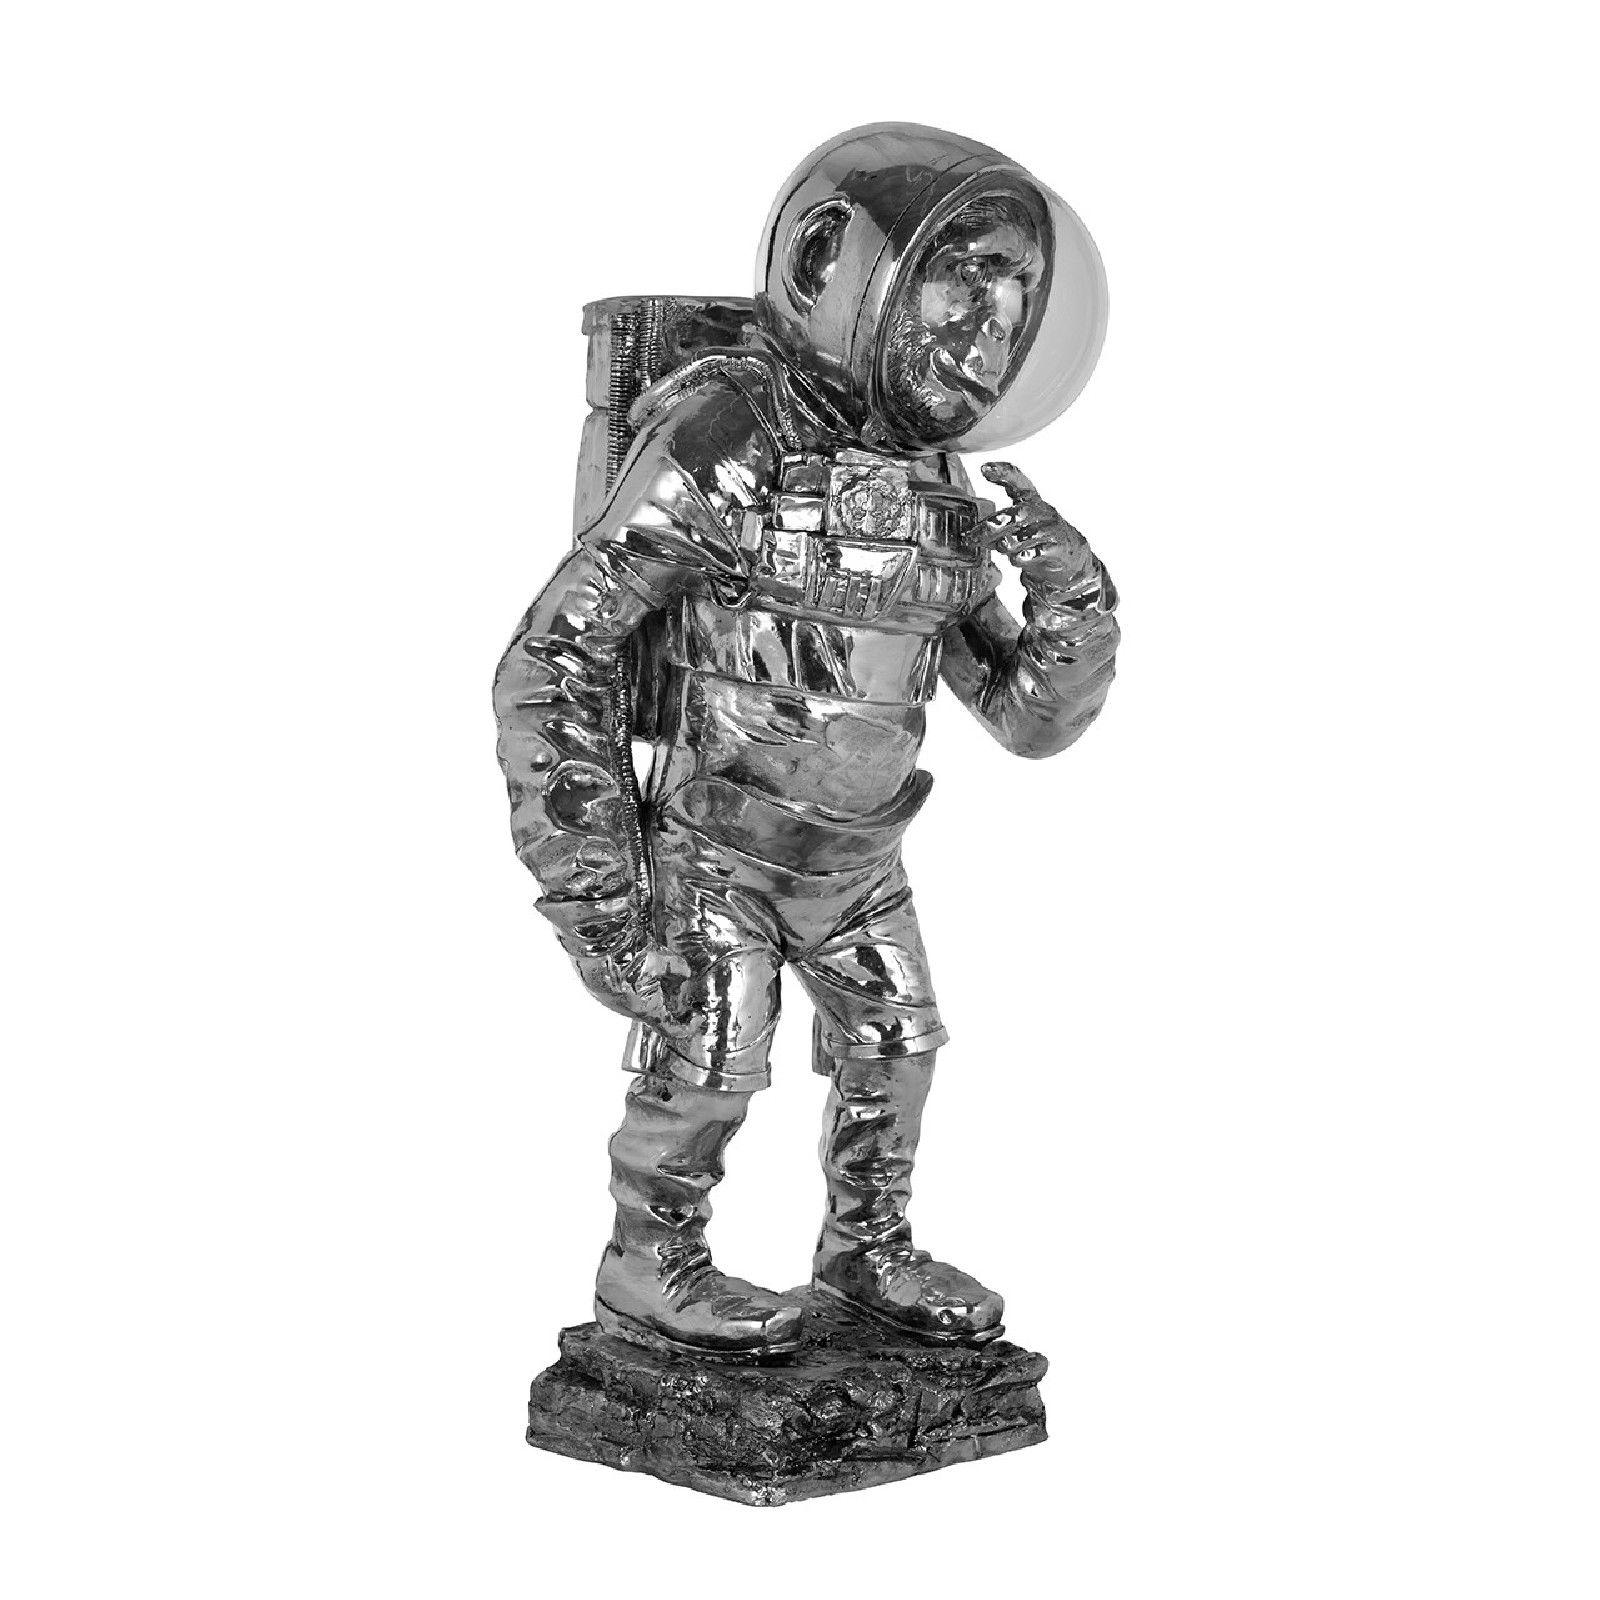 Art Decoration Space Monkey Figures décoratives - 66